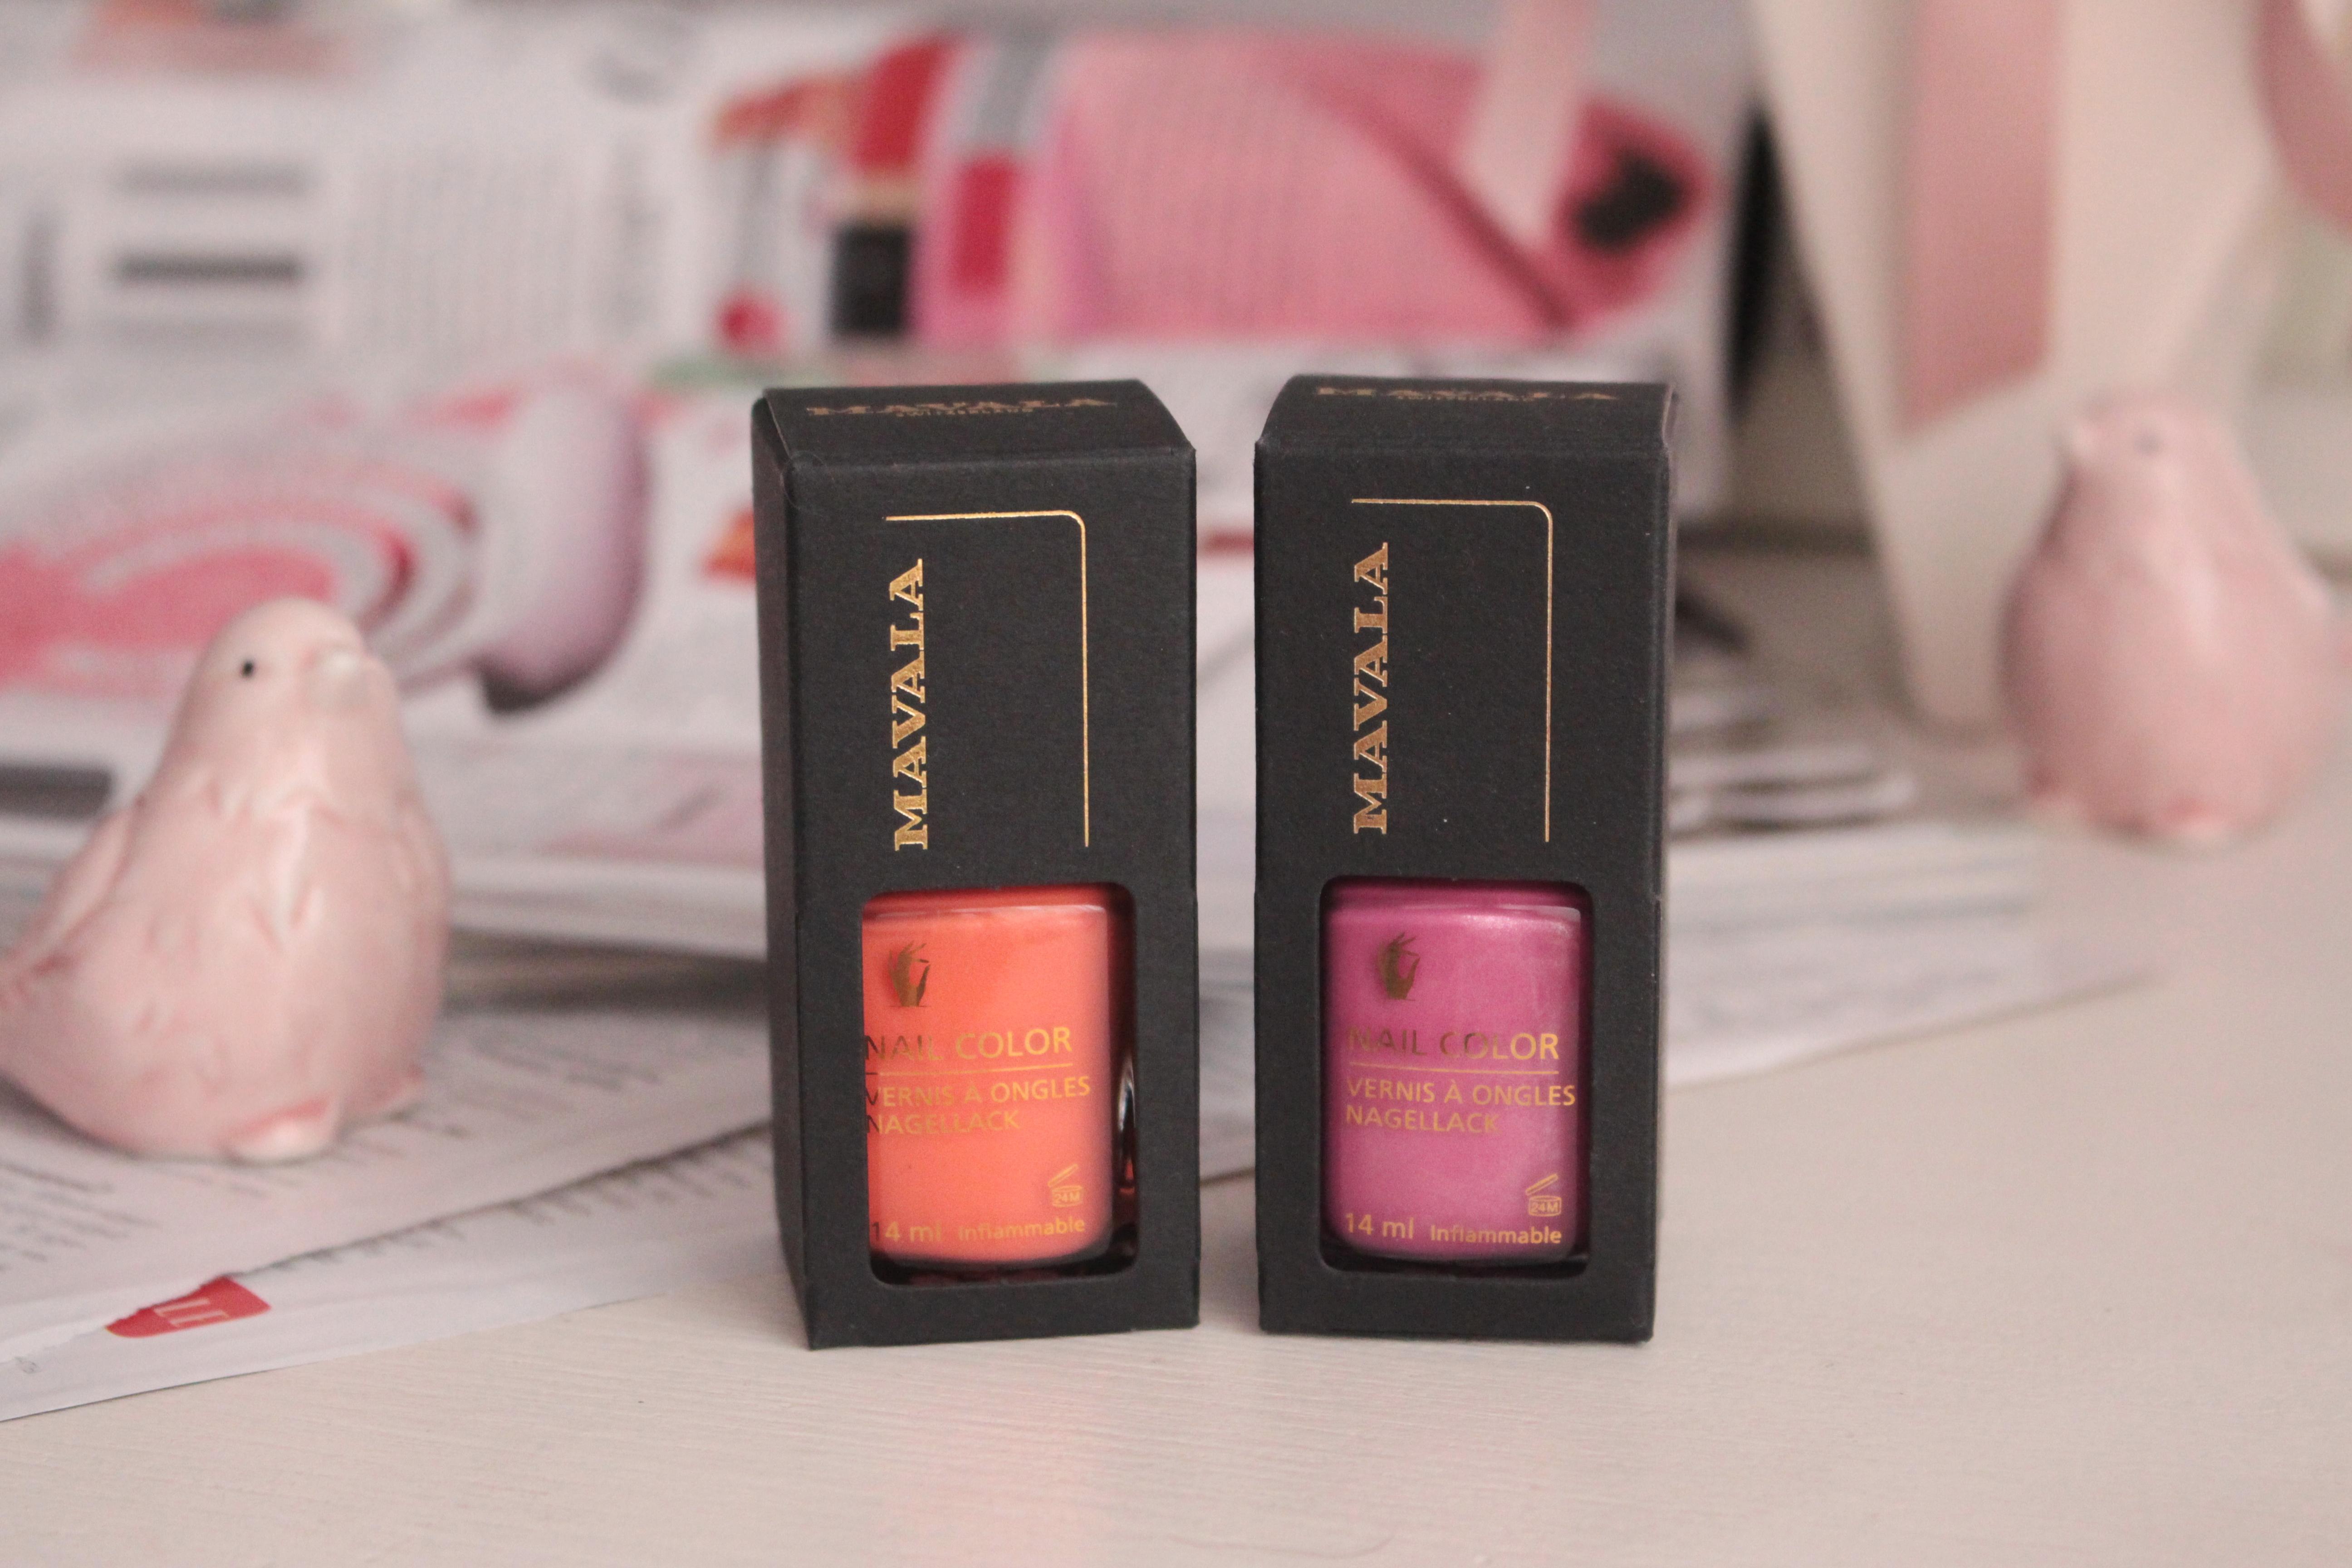 """Mavala Nail Color Nagellack """"262 Milky"""" & """"298 Graphic"""" Профессиональные лаки для ногтей"""